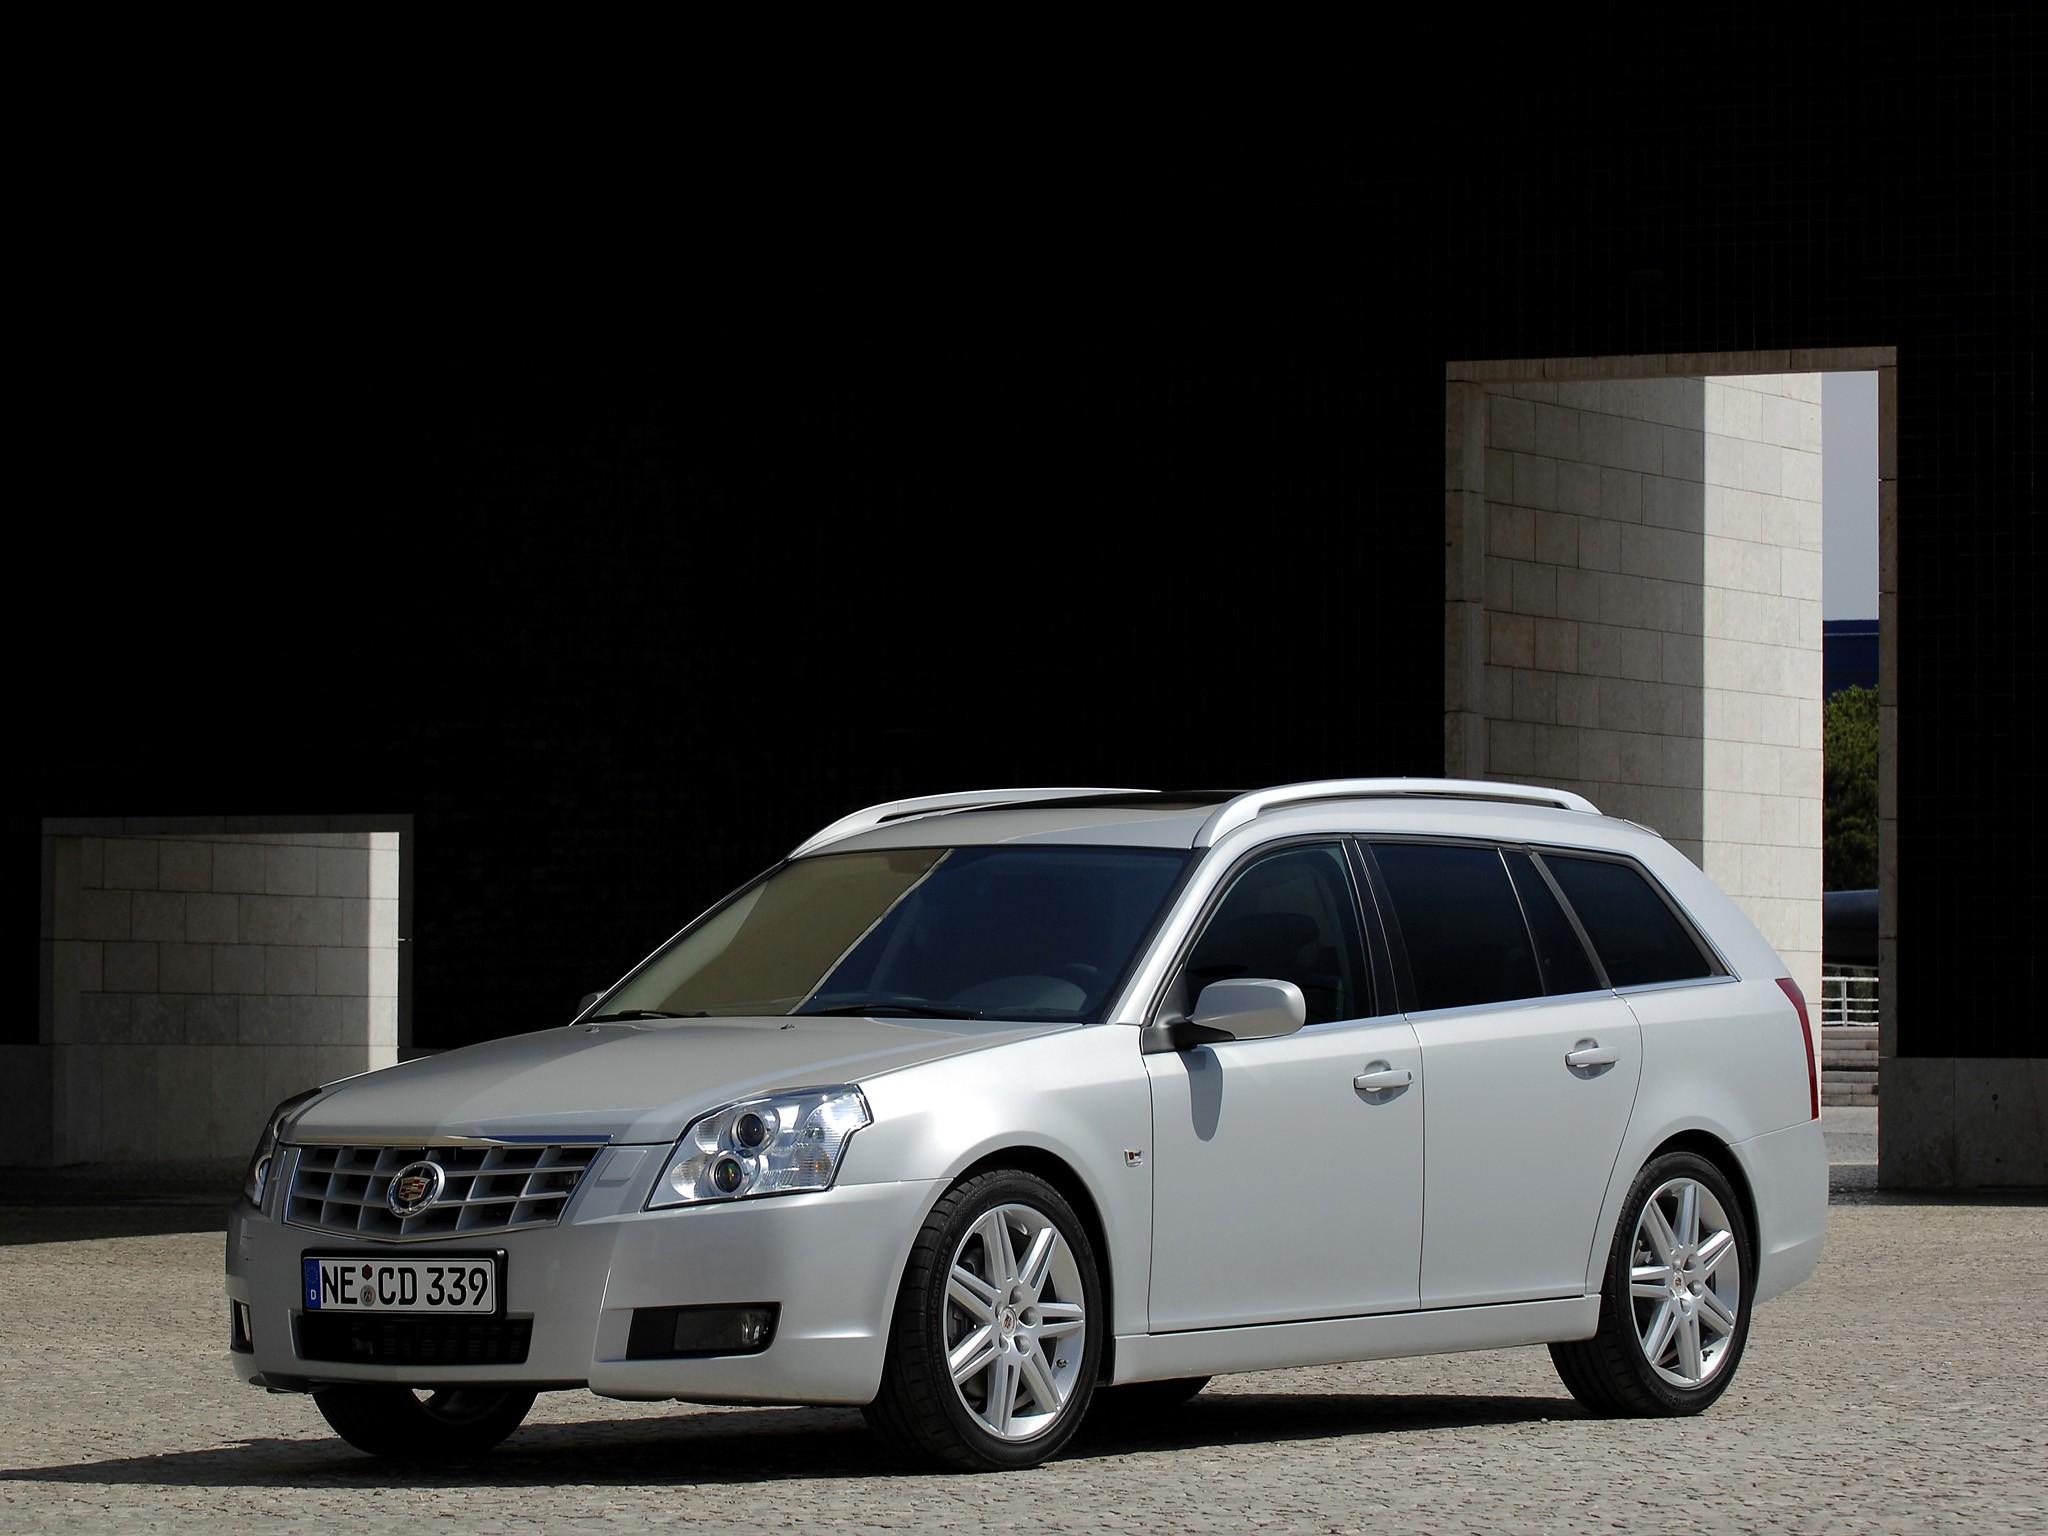 2010 Cadillac BLS Wagon photo - 1